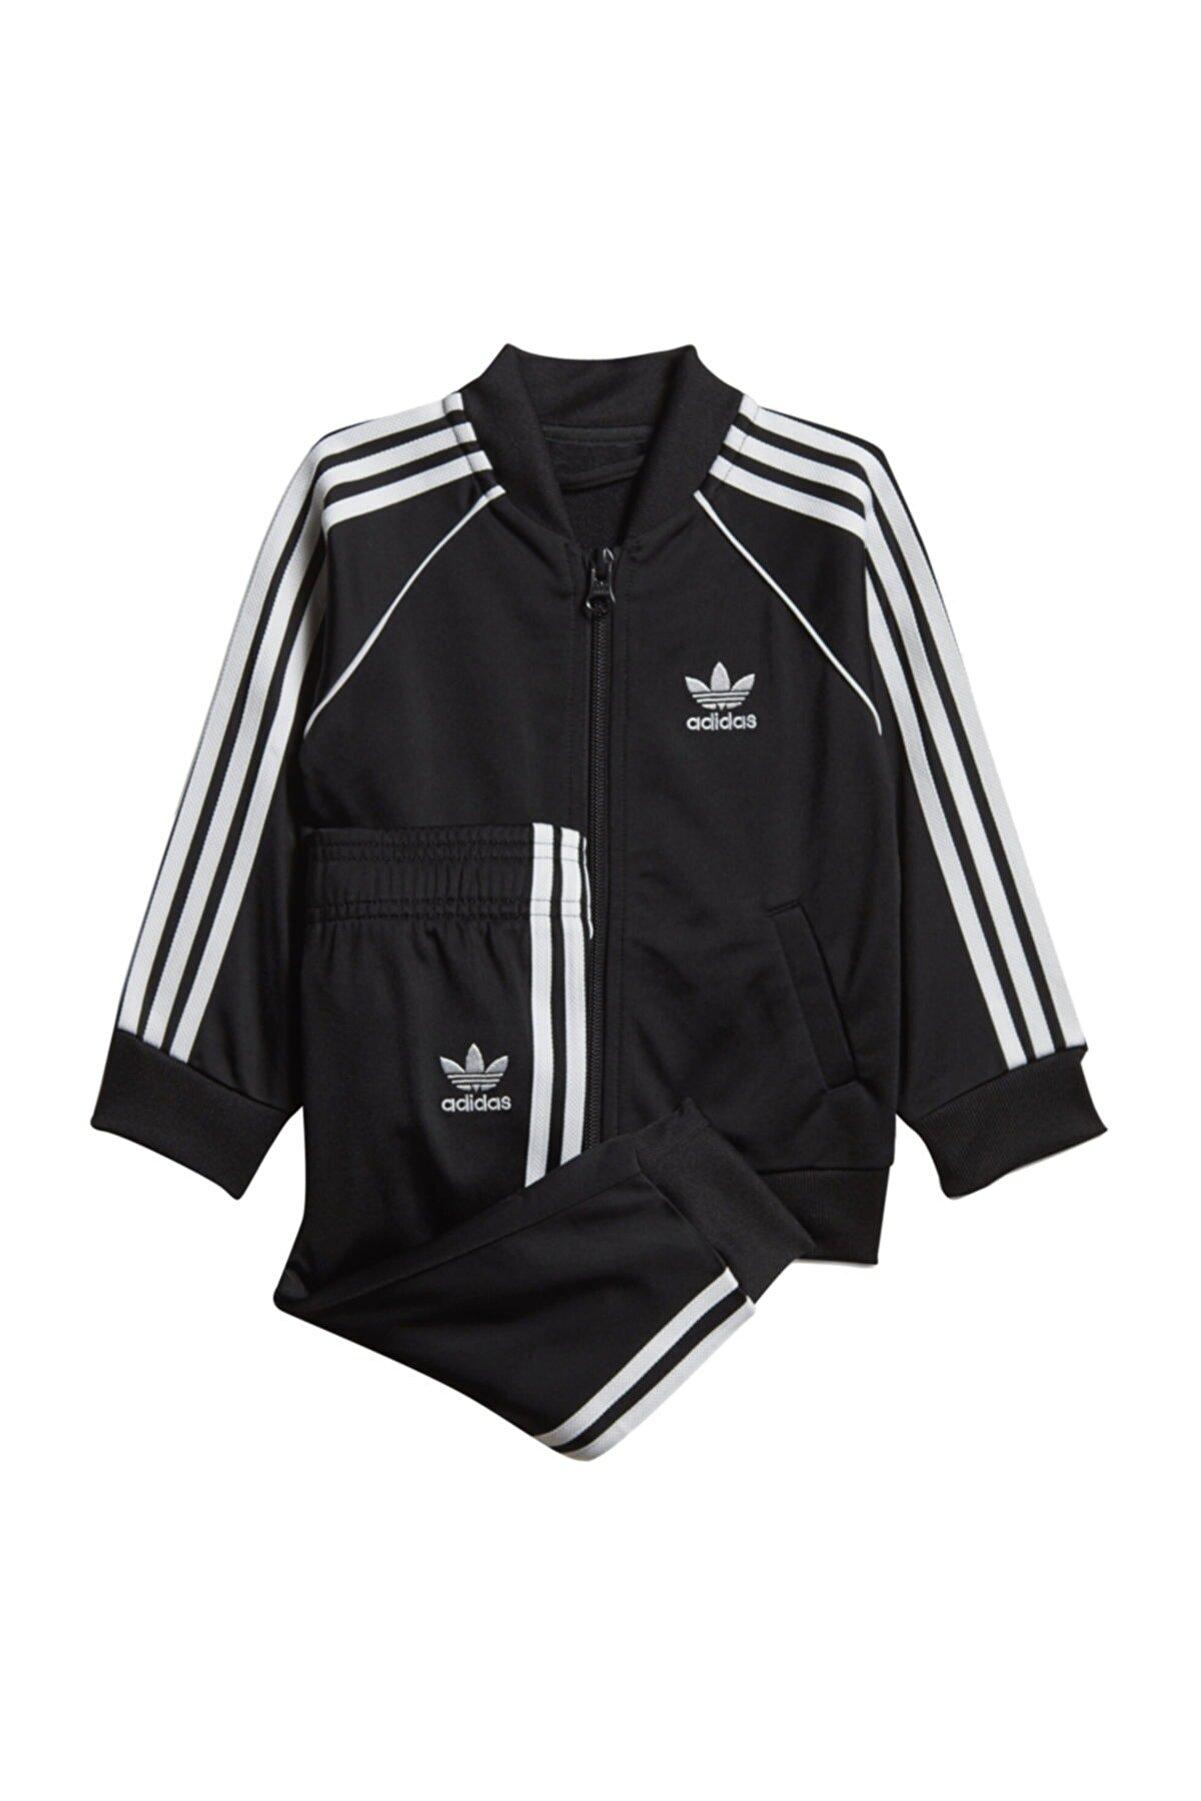 adidas Superstar Bebek Siyah Eşofman Takımı Dv2820